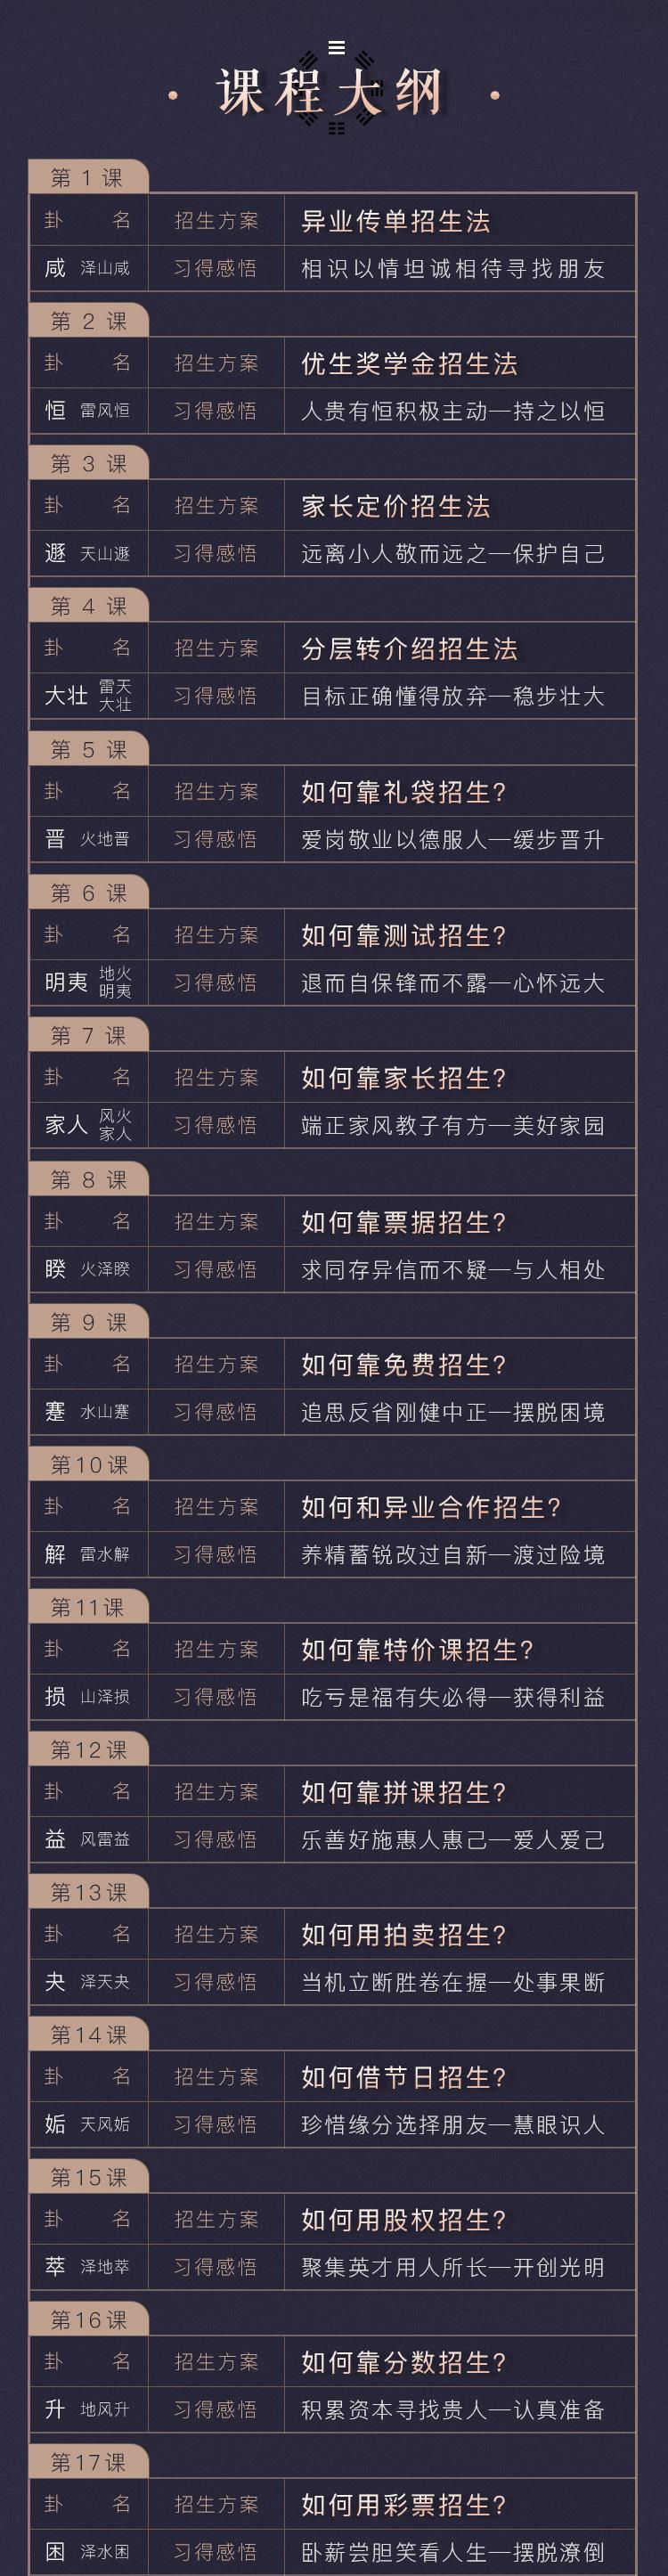 王铭专栏详情页_05.jpg